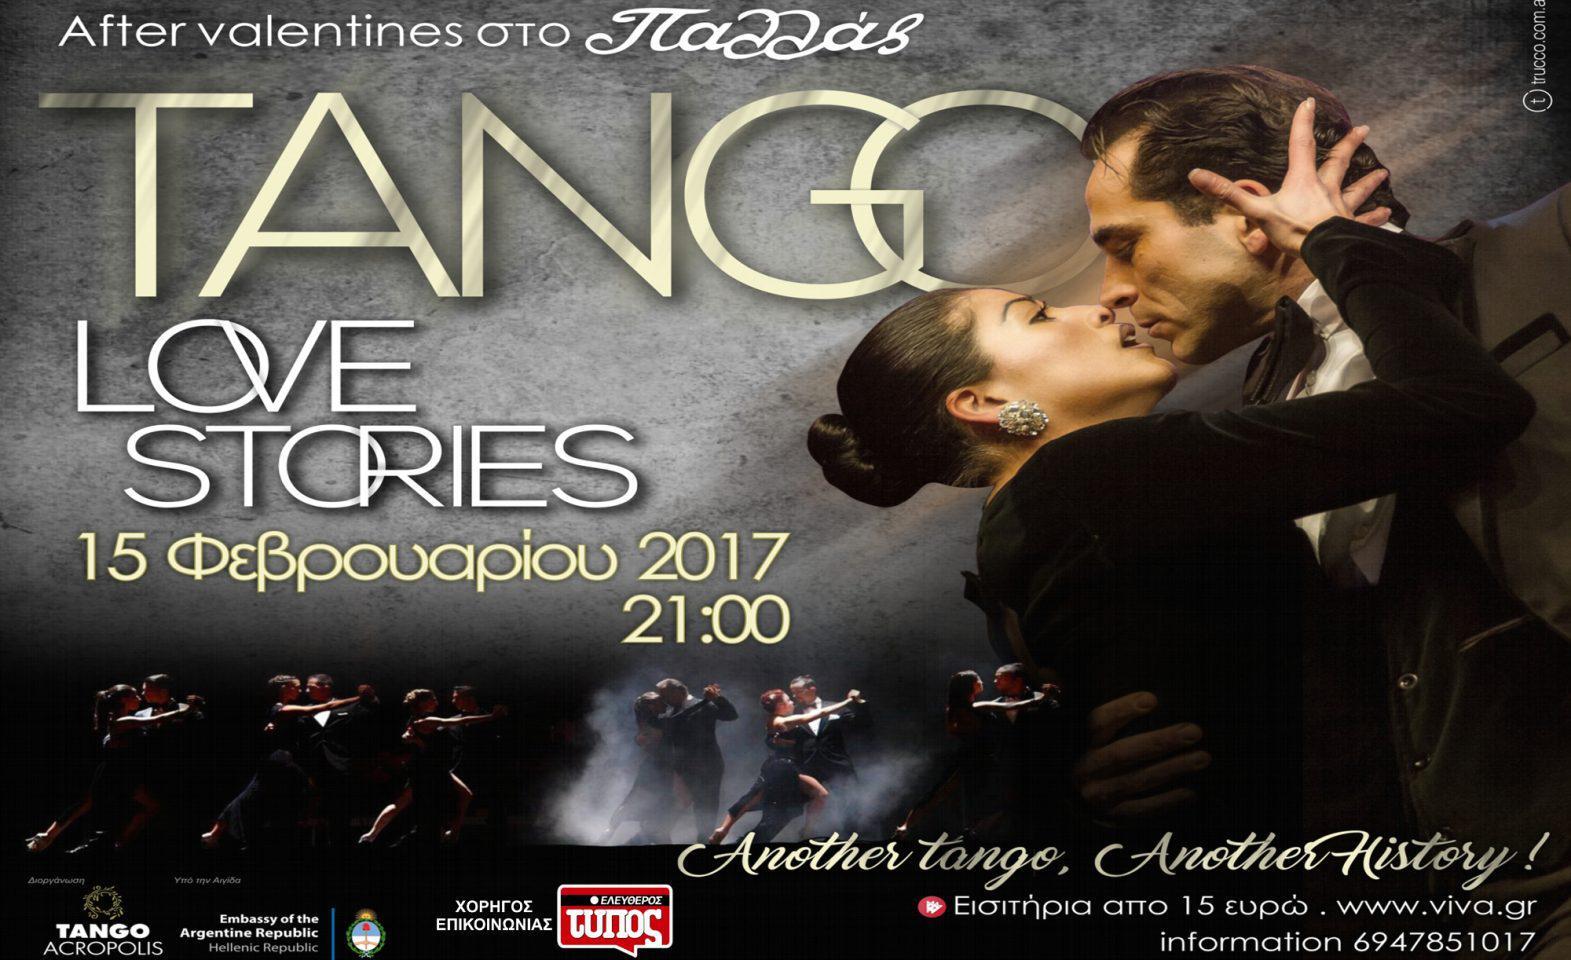 tango Το εκρηκτικό «Tango Love Stories» στο θέατρο Παλλάς στις 15 Φεβρουαρίου